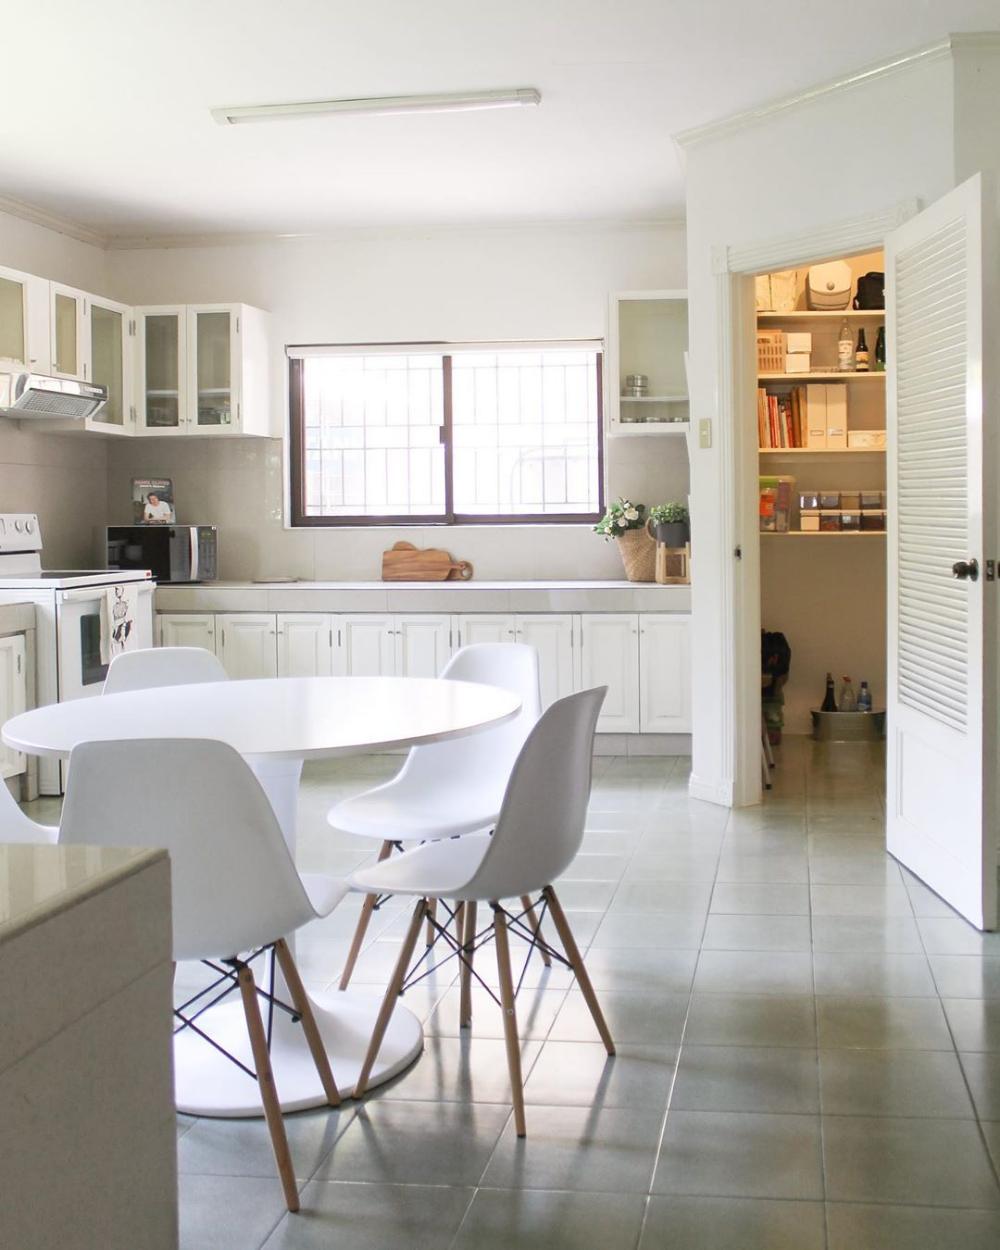 white kitchen pantry organization pantryorganization my home in 2019 kitchen organization on kitchen organization layout id=37105